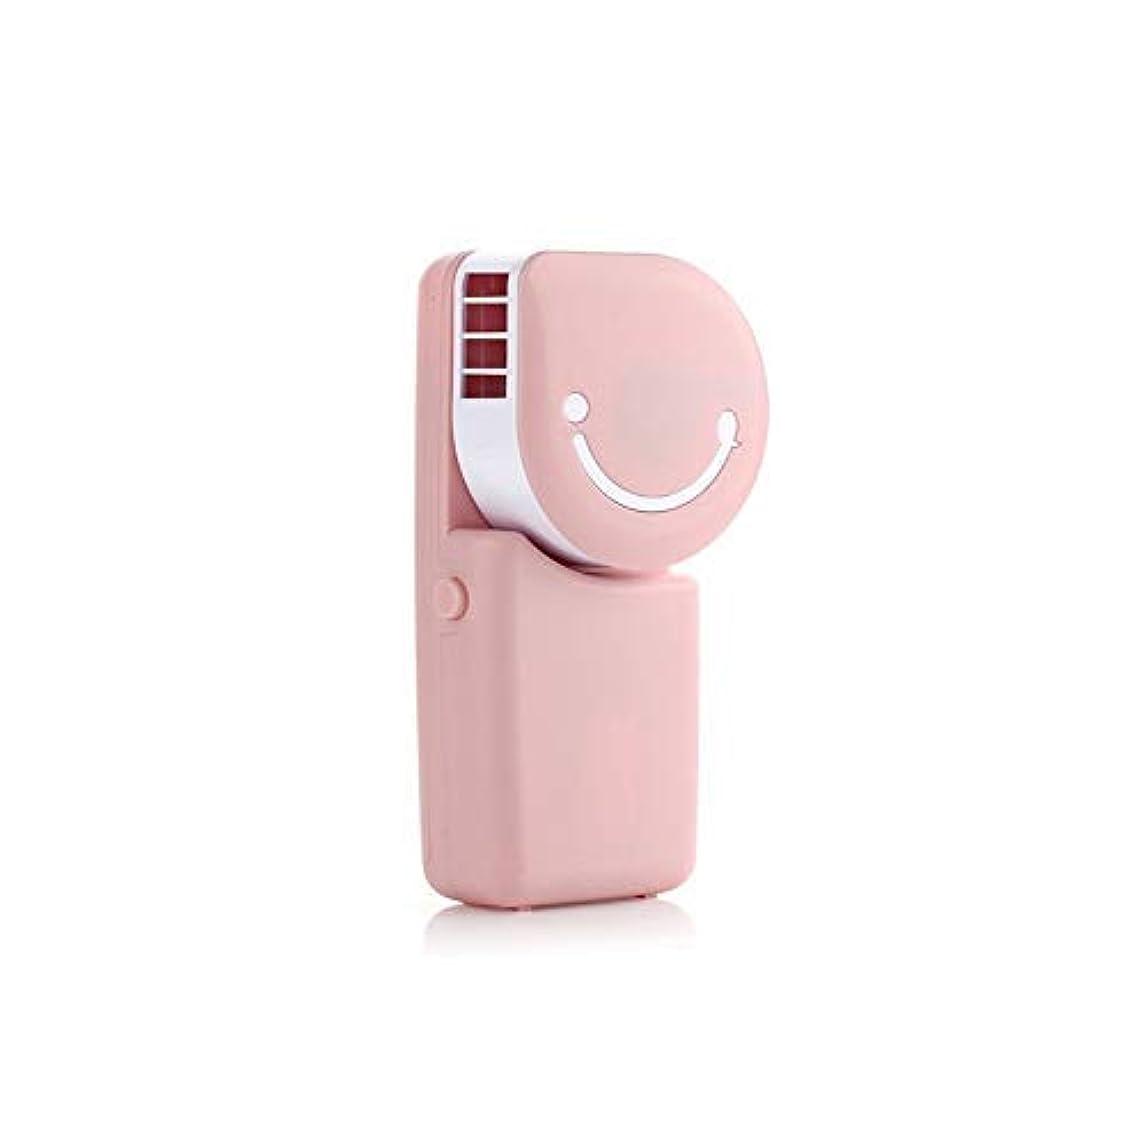 照らす孤独バクテリアMifeerクリエイティブスマイルフェイスUSB充電式水冷ファン、ミニエアコン、クーラーファン、ポータブルハンドヘルドスモールブレードレスファン(色:ピンク)